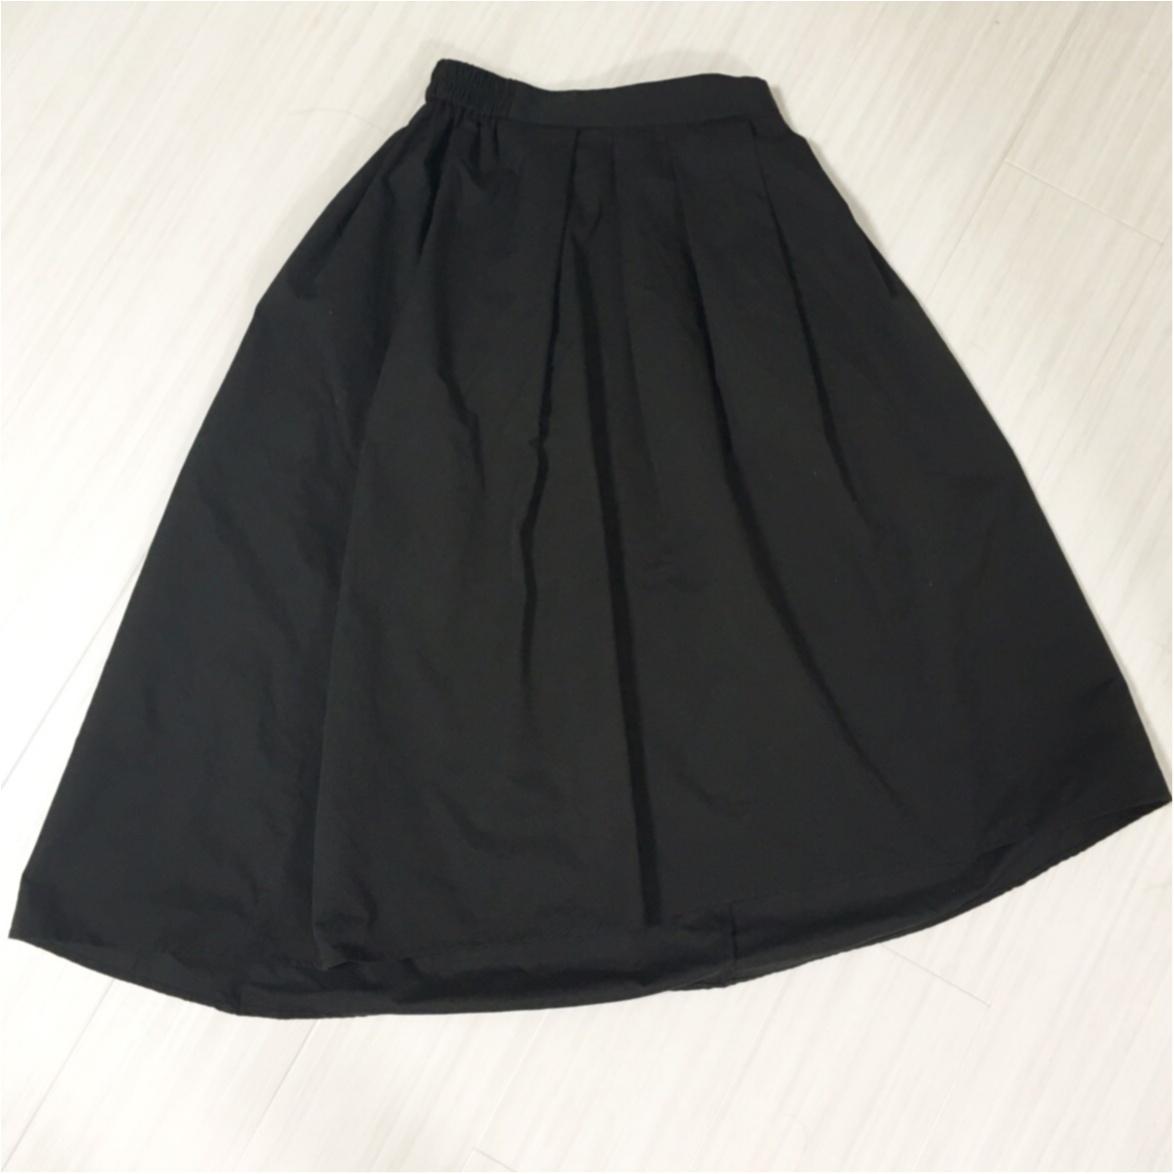 【GU】これで1490円!?ジーユーの使えるスカートはこれだ♡♡大人女性らしいデザインに注目♪_1